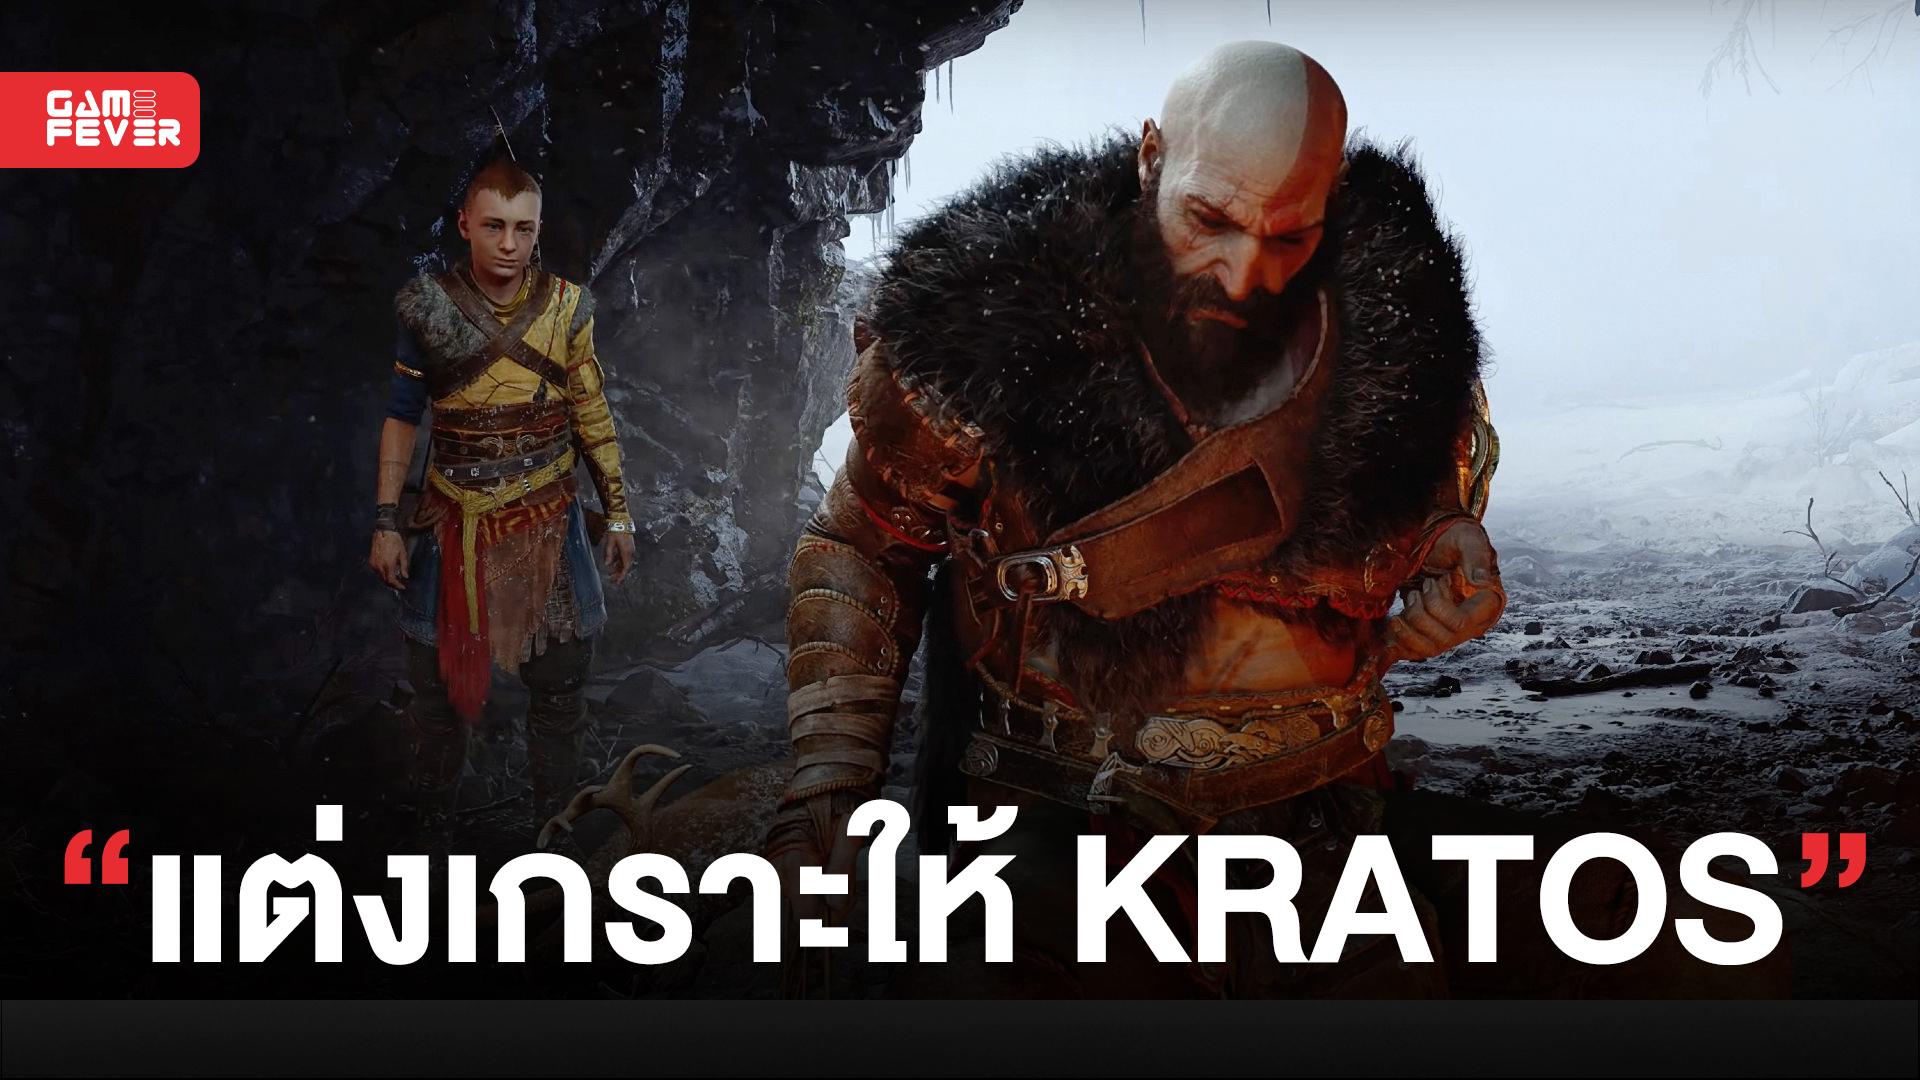 ผกก. ยืนยัน God of War: Ragnarok จะมีชุดเกราะมากมาย ที่มีคุณสมบัติแตกต่างกันให้ผู้เล่นได้เลือกใช้!